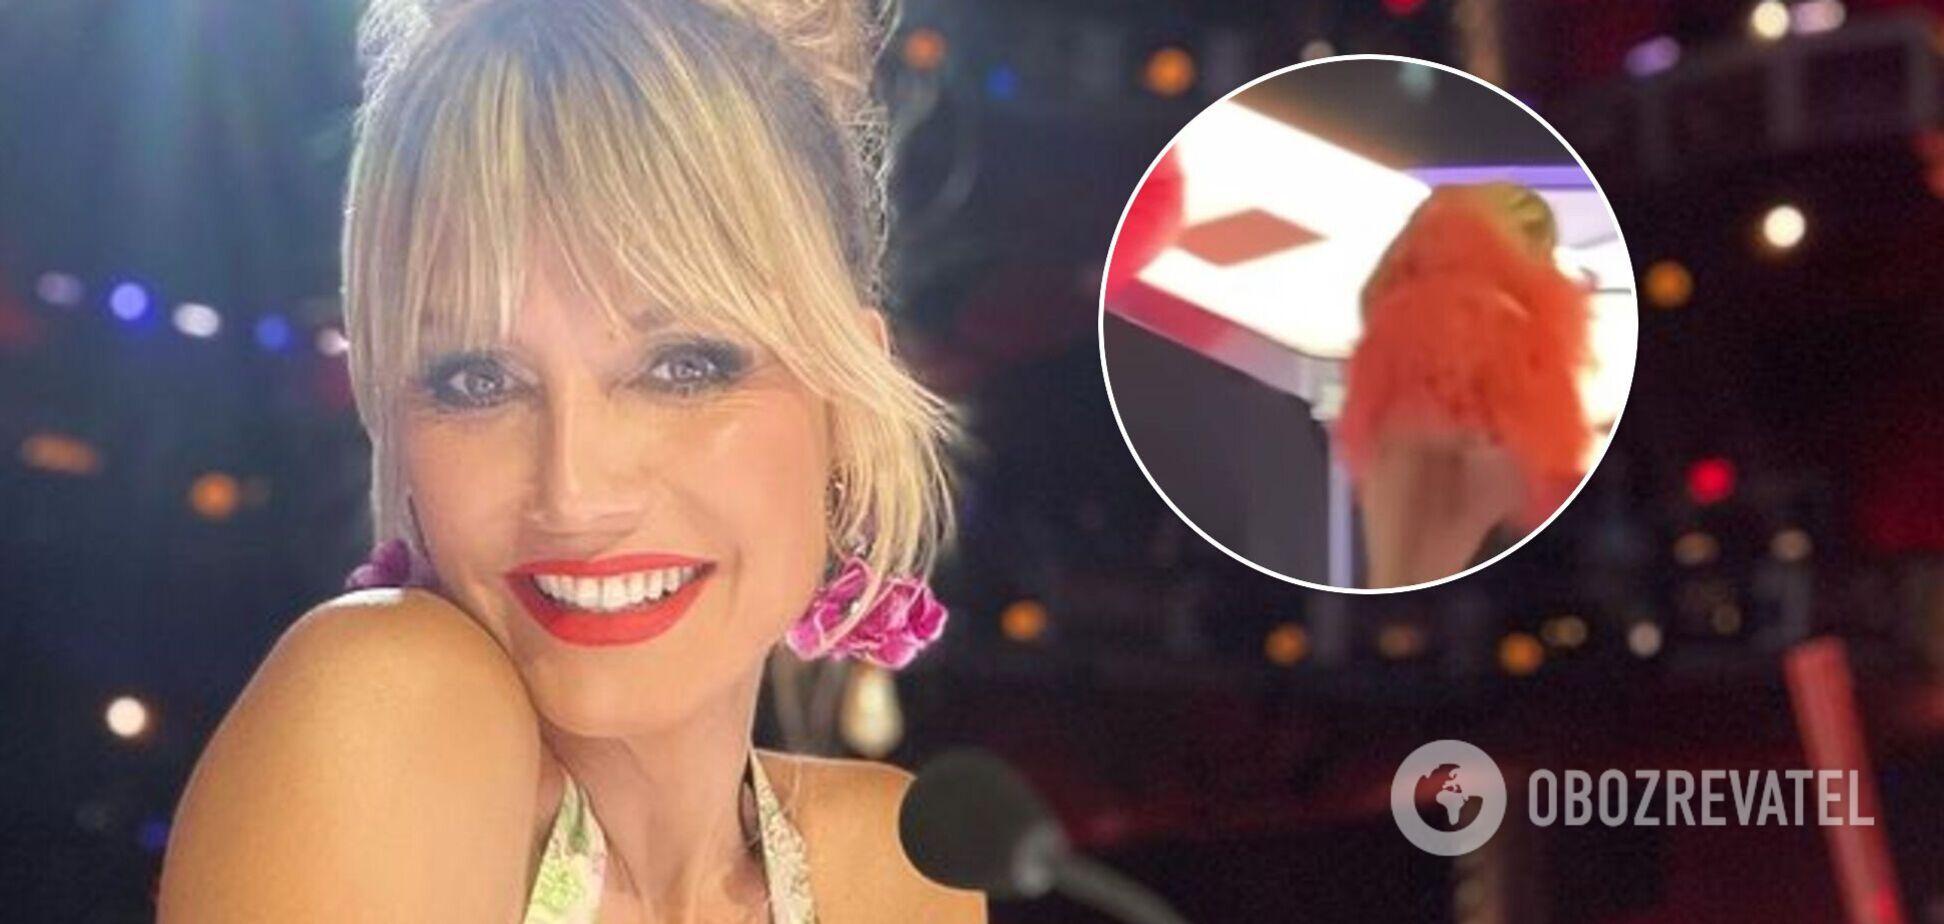 Хайди Клум случайно засветила нижнее белье в прямом эфире. Видео